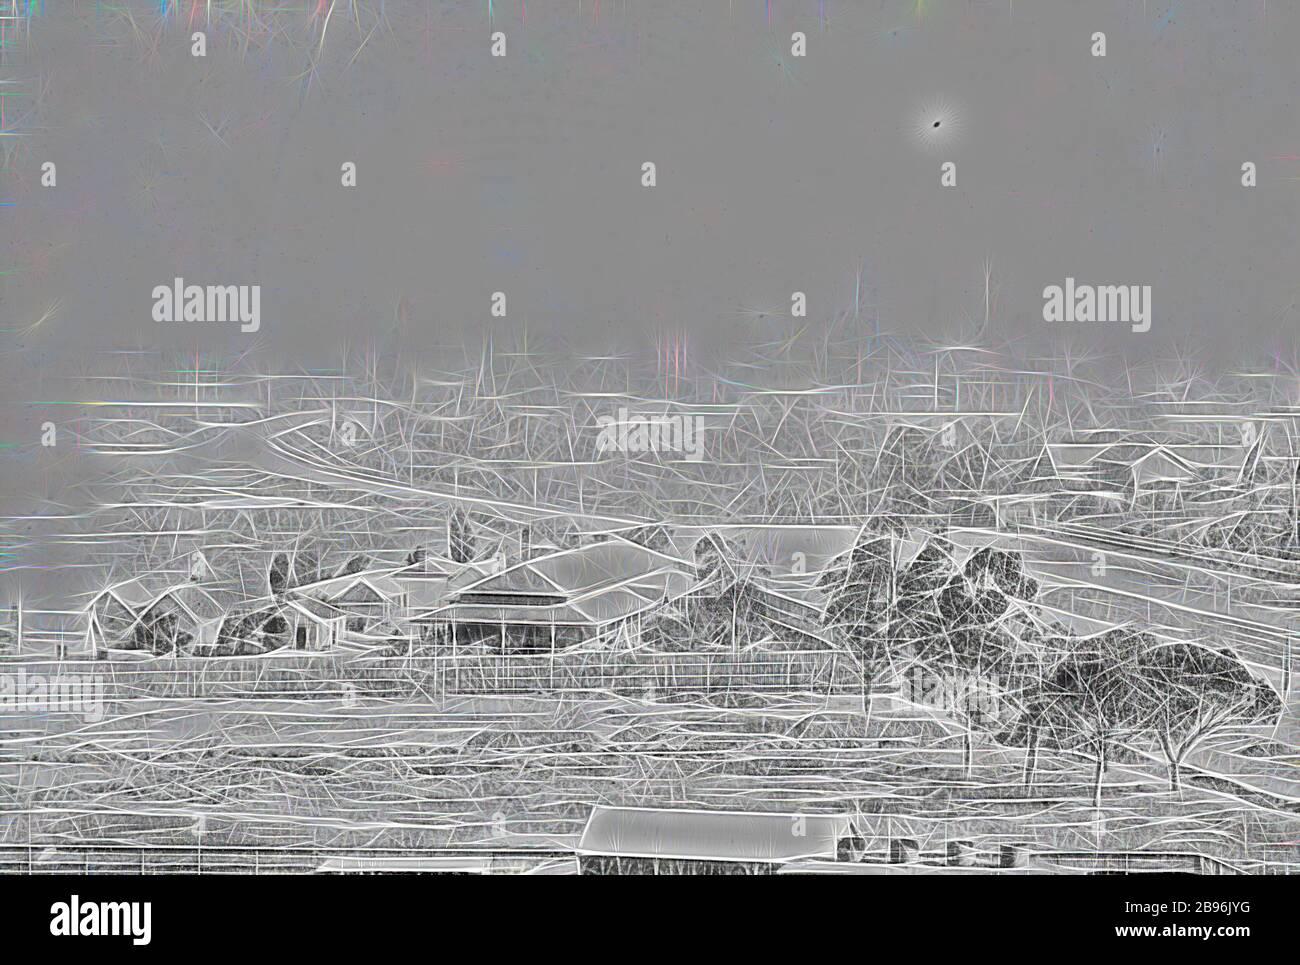 Negativo - Melbourne, Victoria, alrededor de 1885, Melbourne de St Kilda Rd., Reimaginado por Gibon, diseño de cálido y alegre resplandor de brillo y rayos de luz. Arte clásico reinventado con un toque moderno. Fotografía inspirada en el futurismo, abrazando la energía dinámica de la tecnología moderna, el movimiento, la velocidad y la revolución de la cultura. Foto de stock